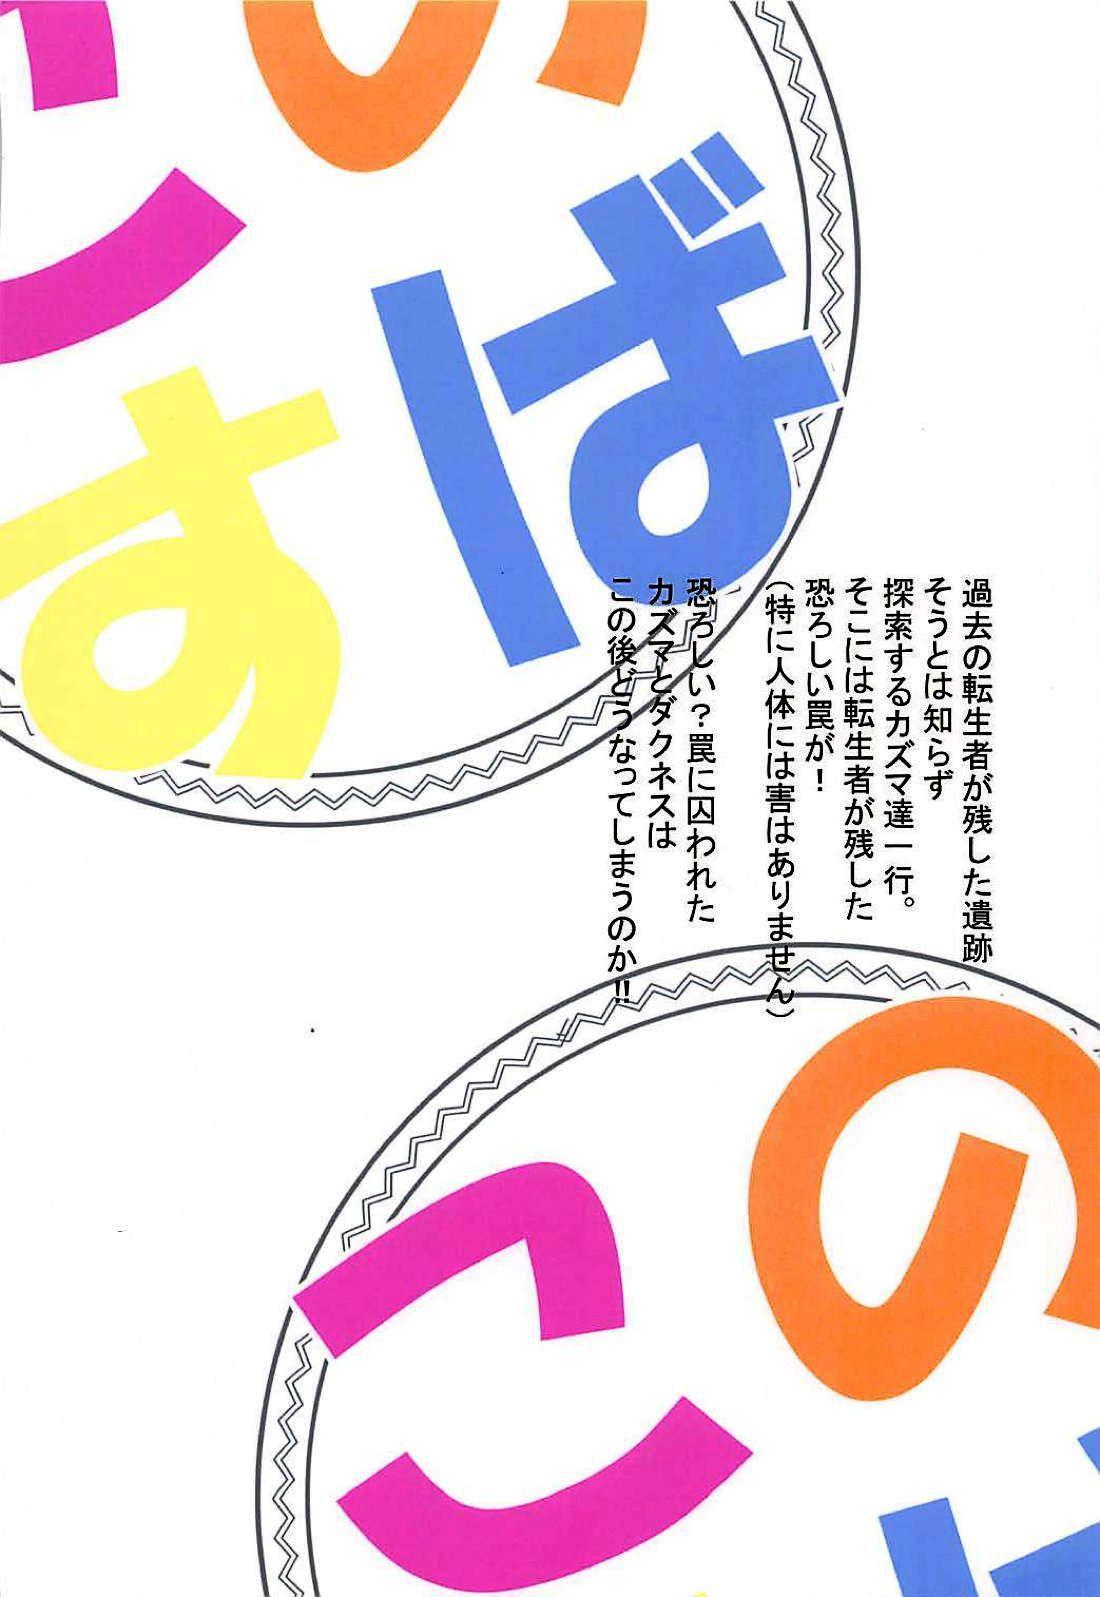 | With Darkness in this Wonderful Trap | Kono Subarashii Wana de Darkness to! 25